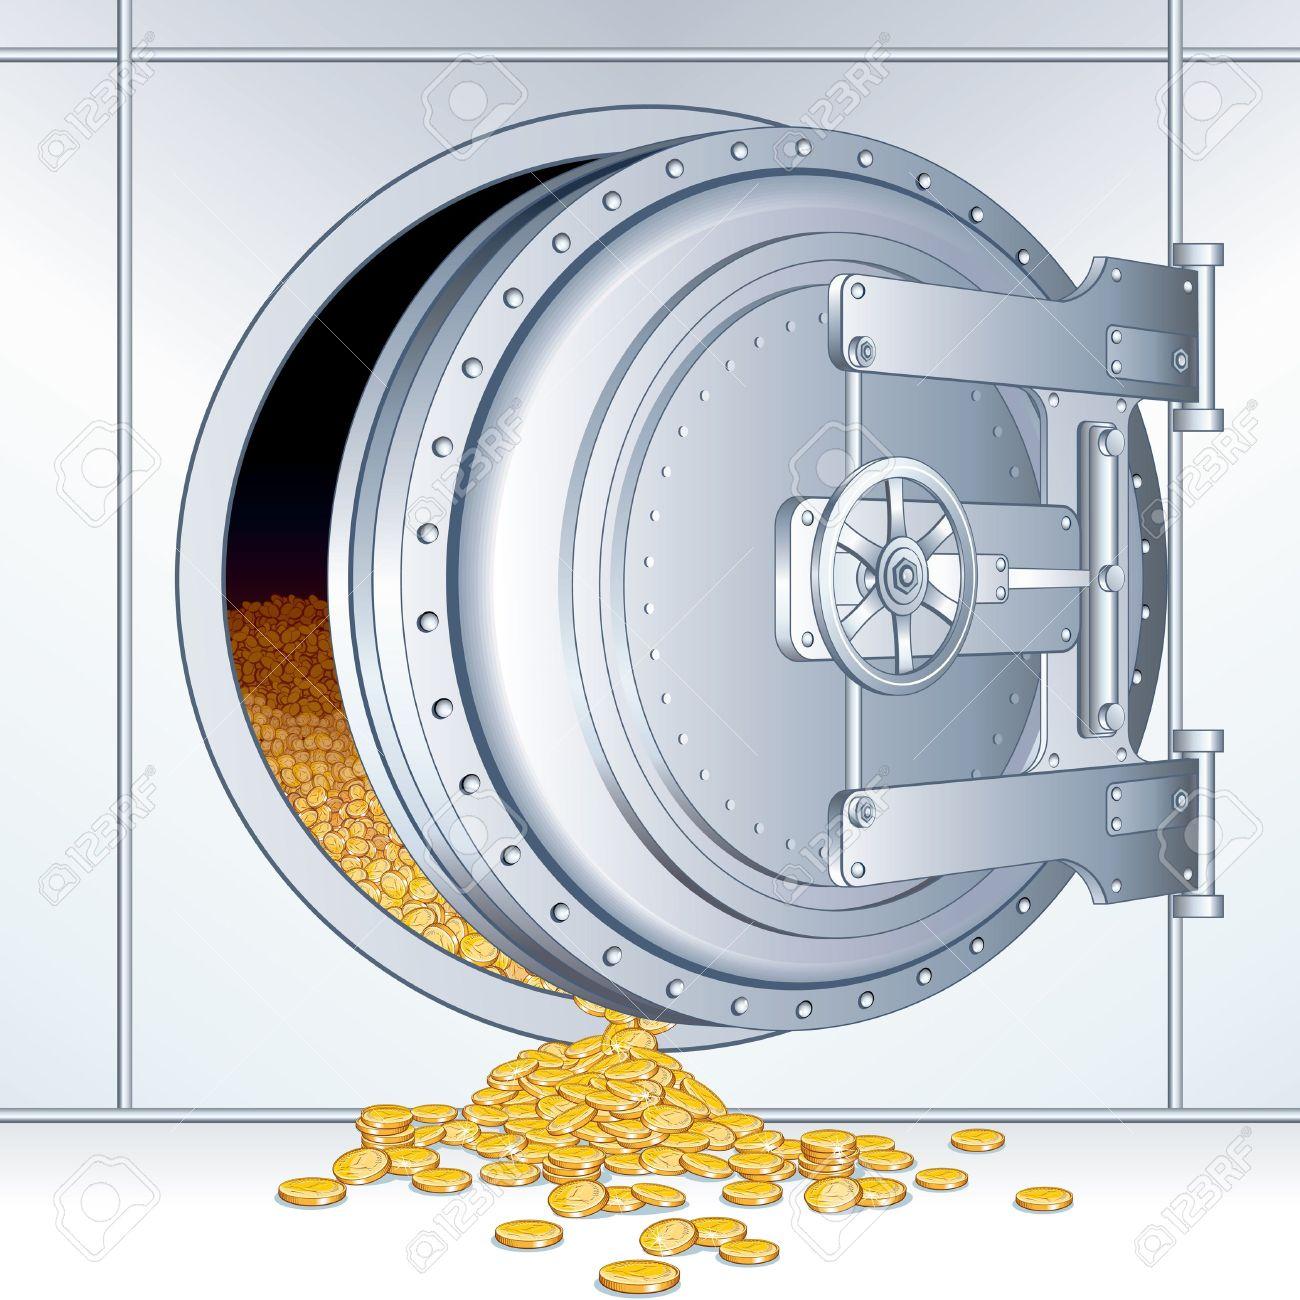 Bank vault clipart banner freeuse Bank Vault Clip Art – Clipart Free Download banner freeuse